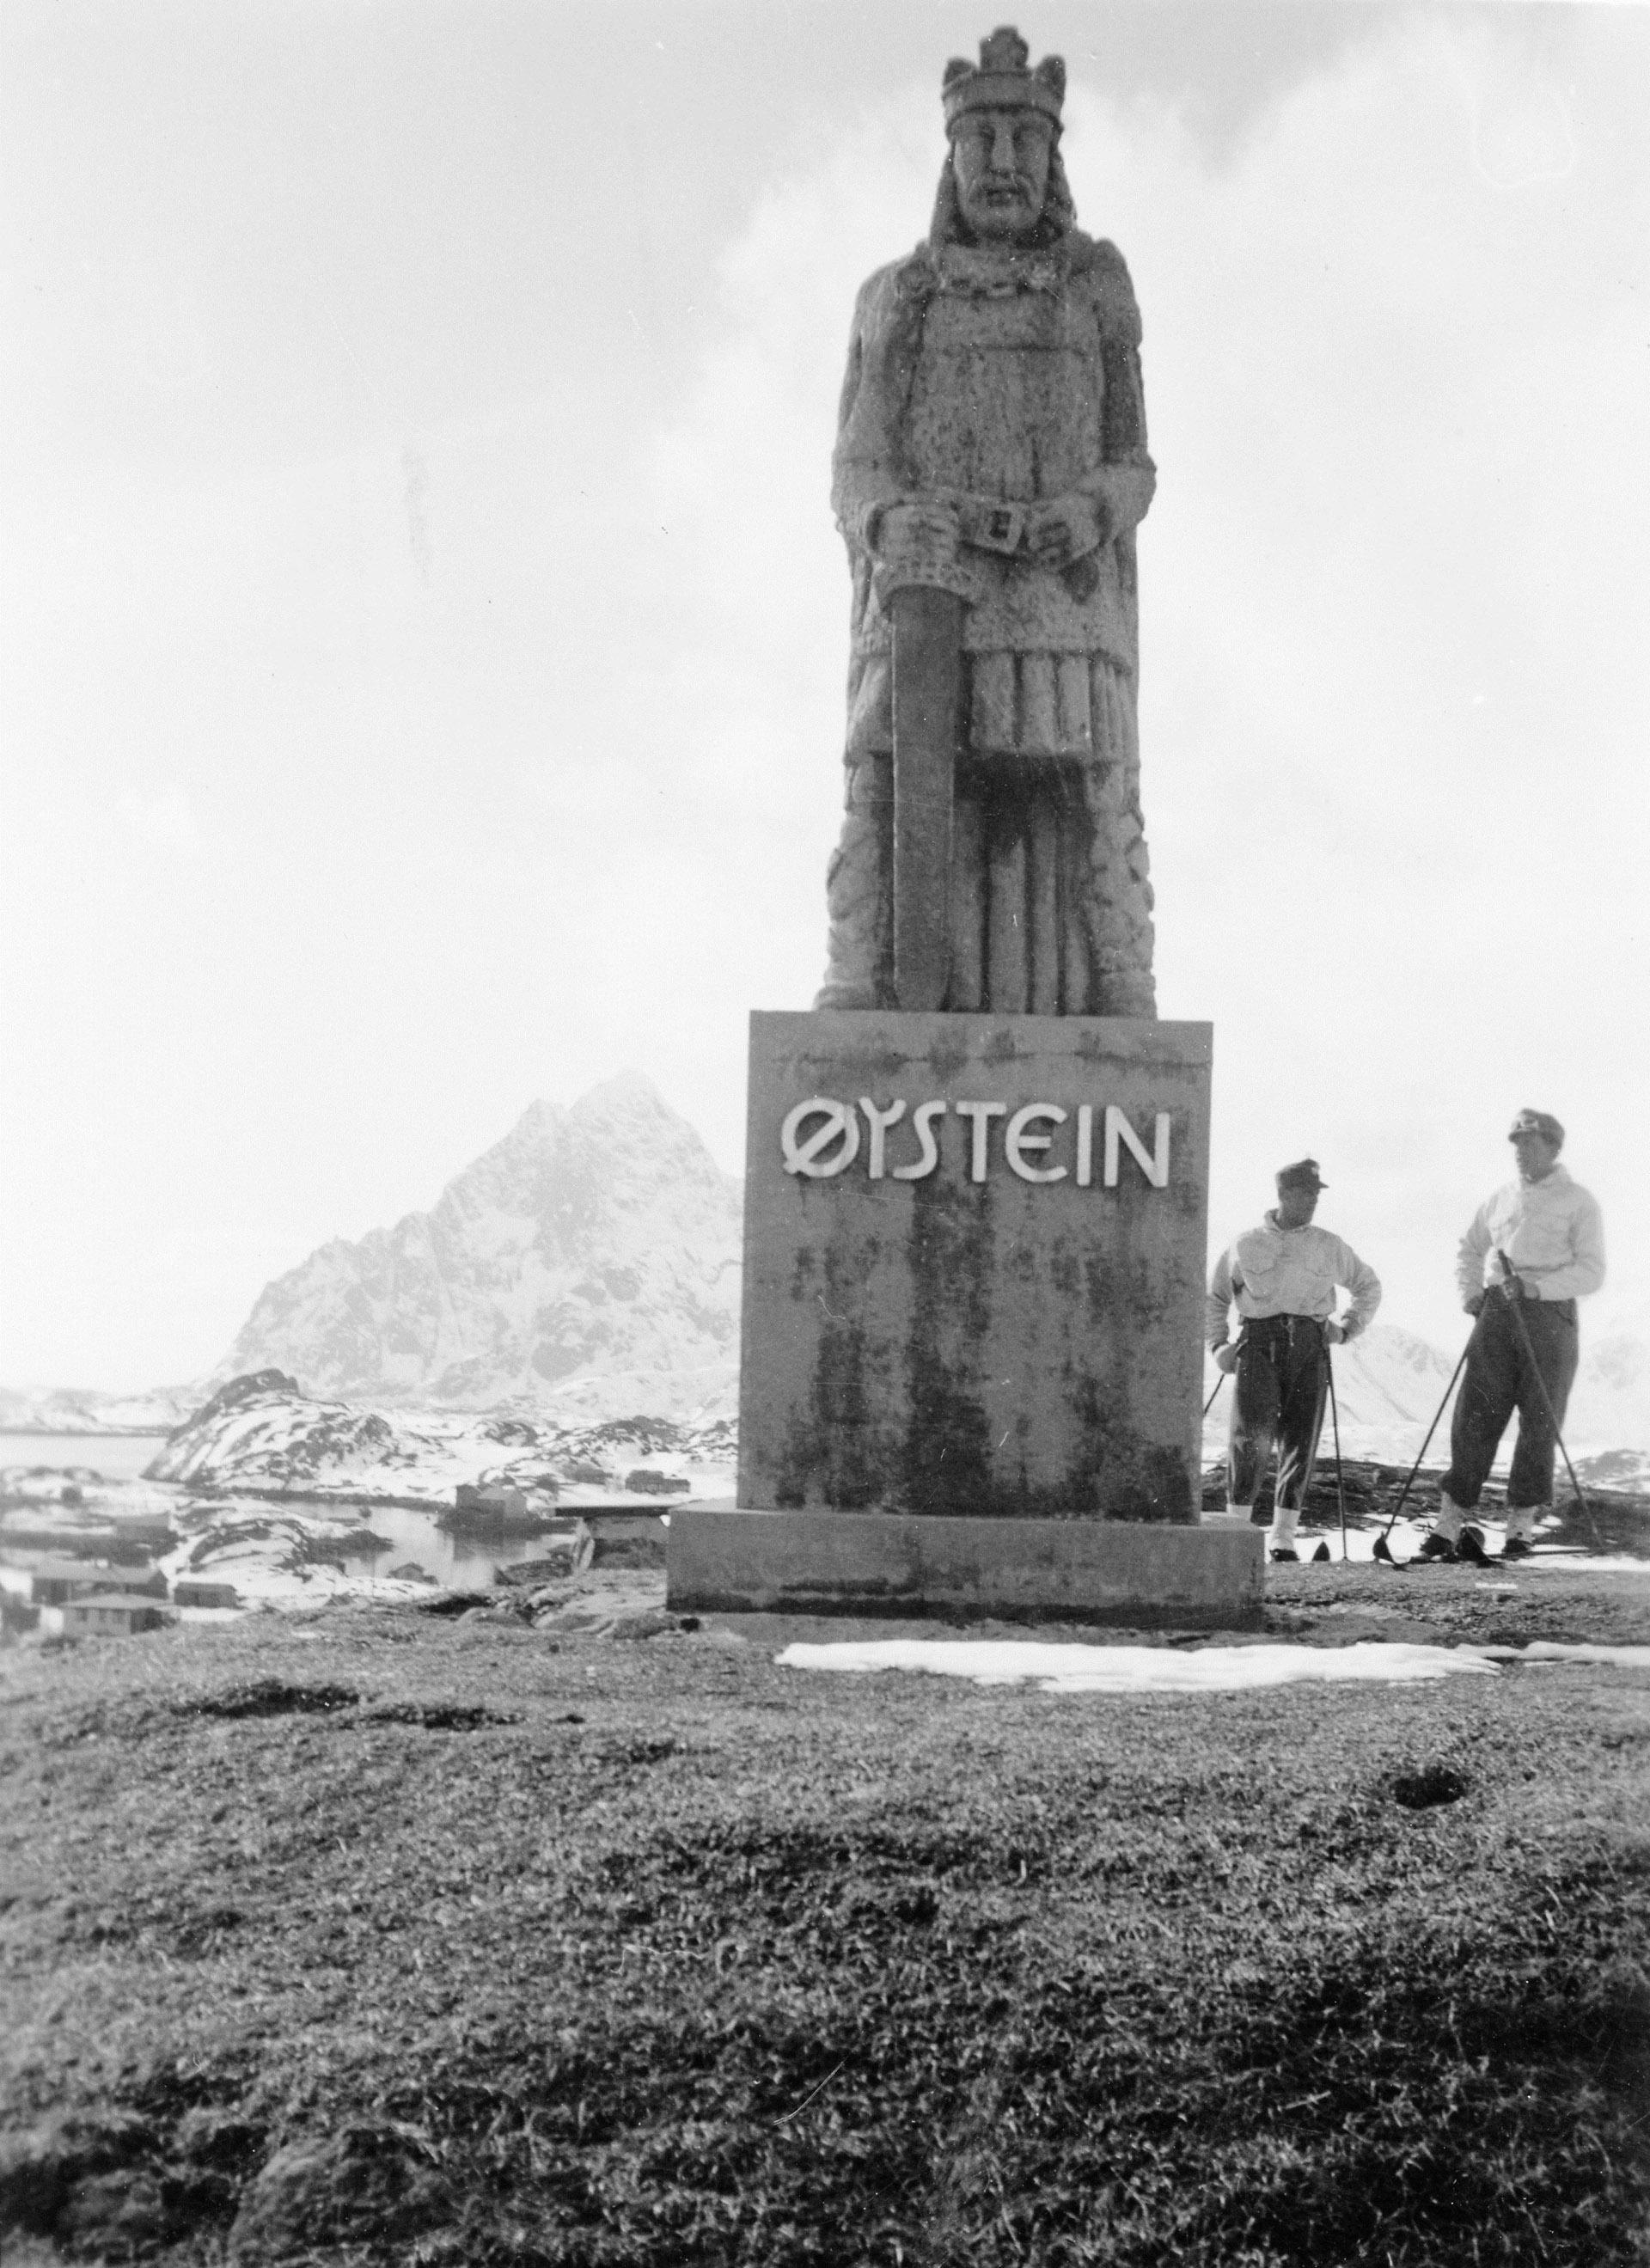 Tyske gendarmer og kong Øystein 1942